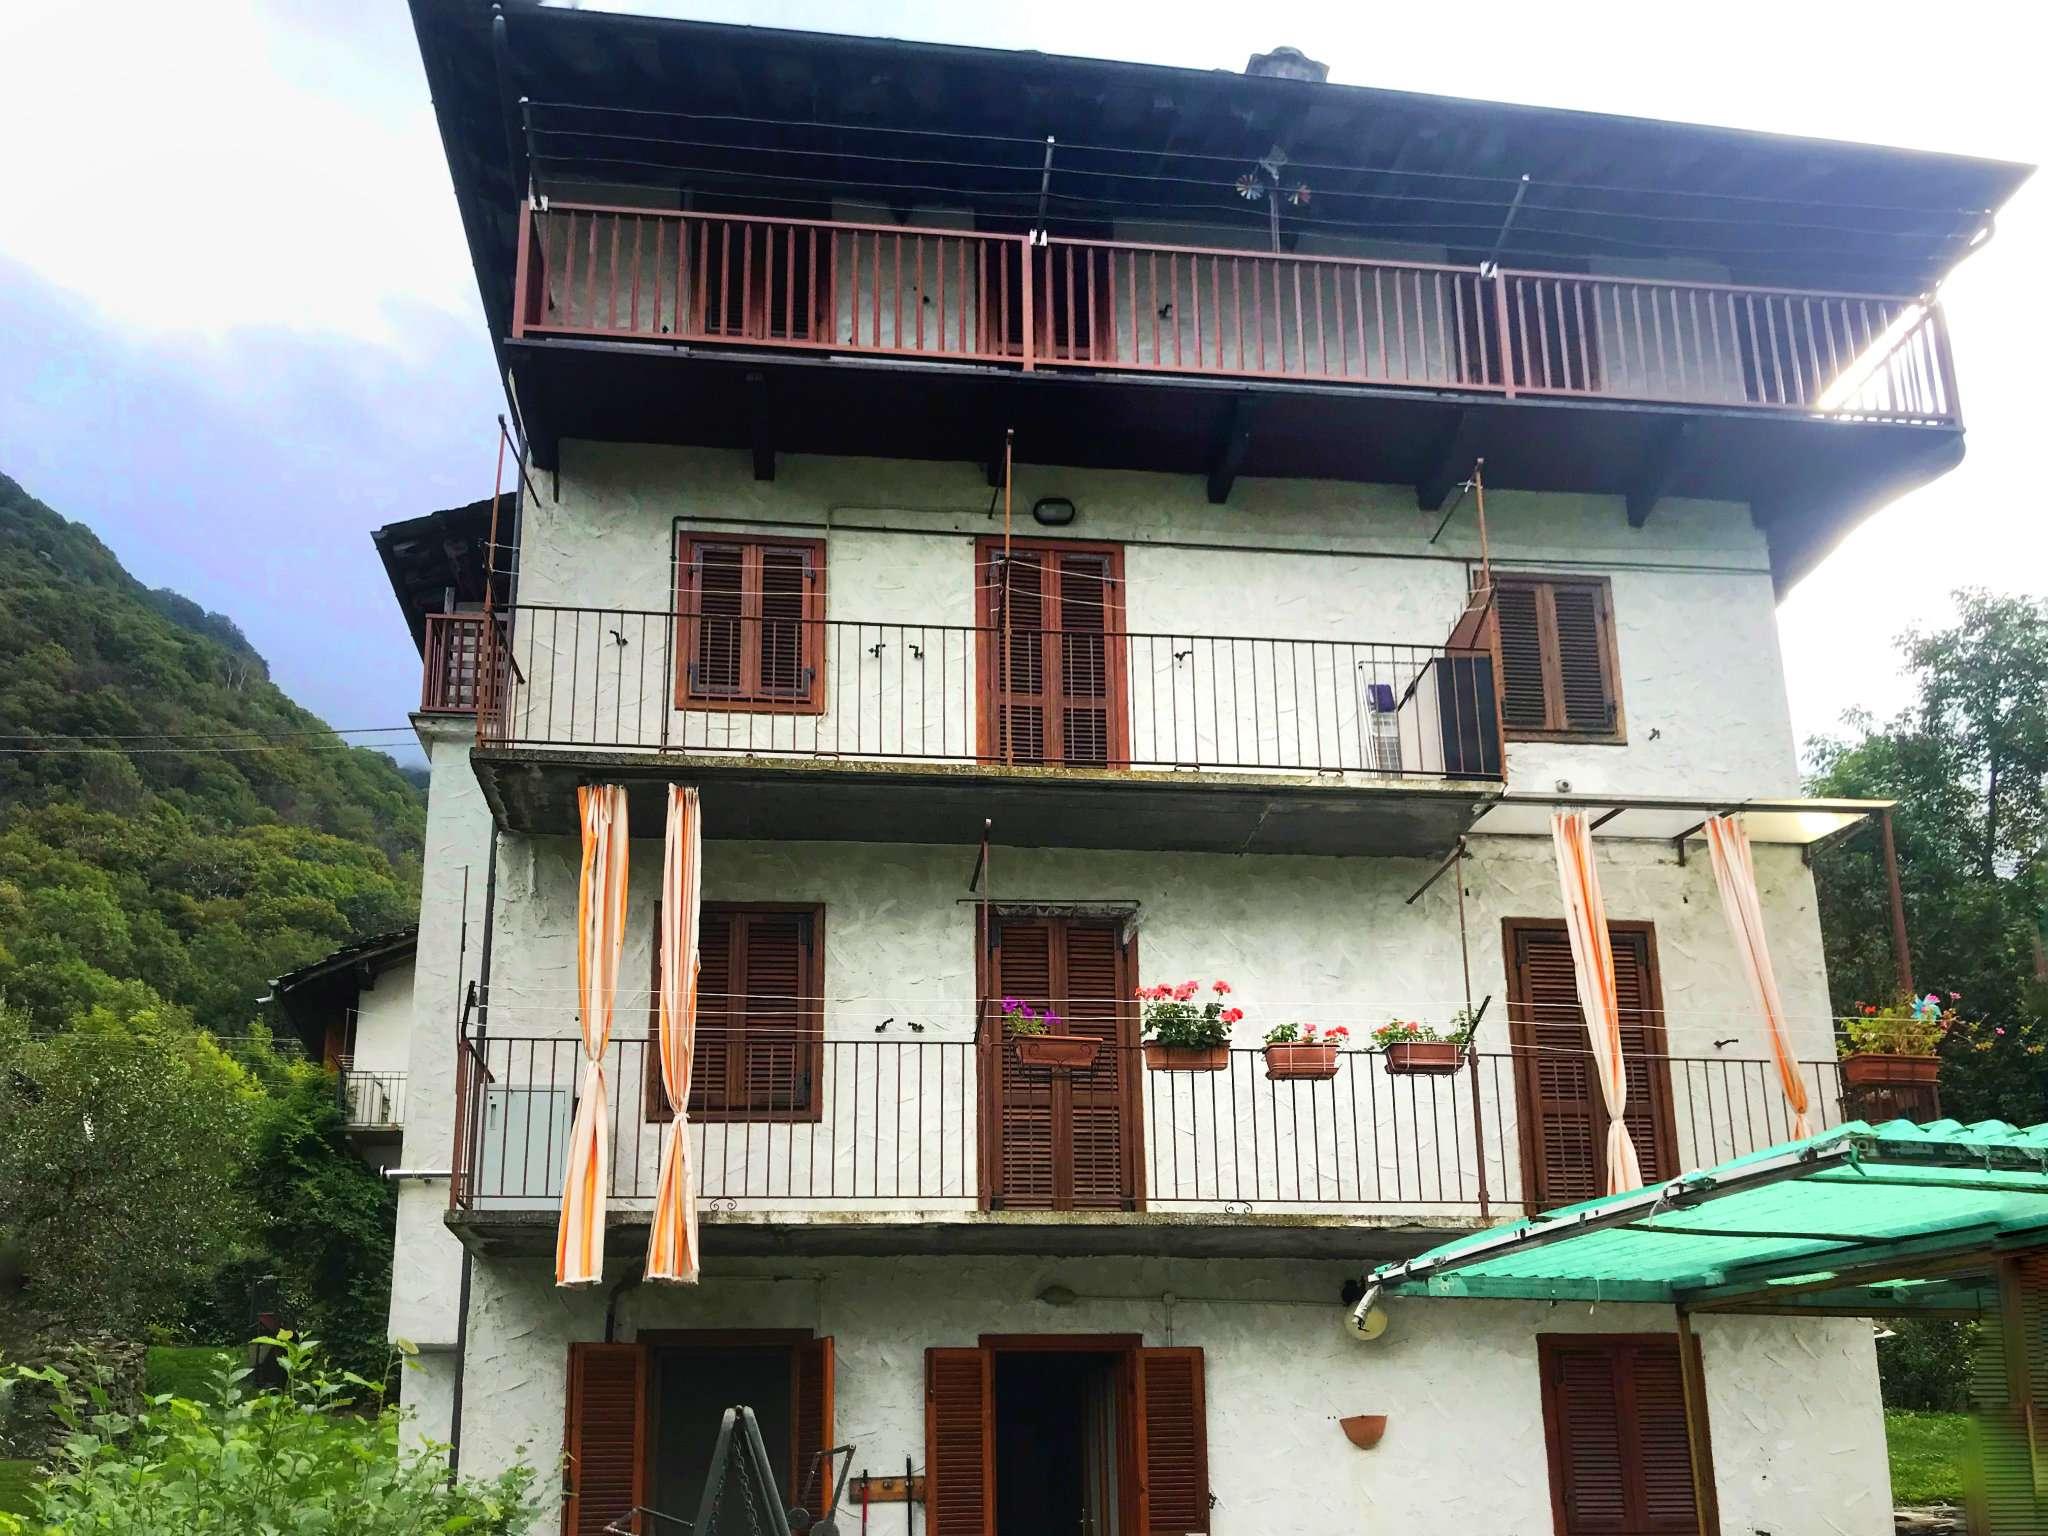 Soluzione Semindipendente in vendita a Cantoira, 3 locali, prezzo € 29.000 | PortaleAgenzieImmobiliari.it